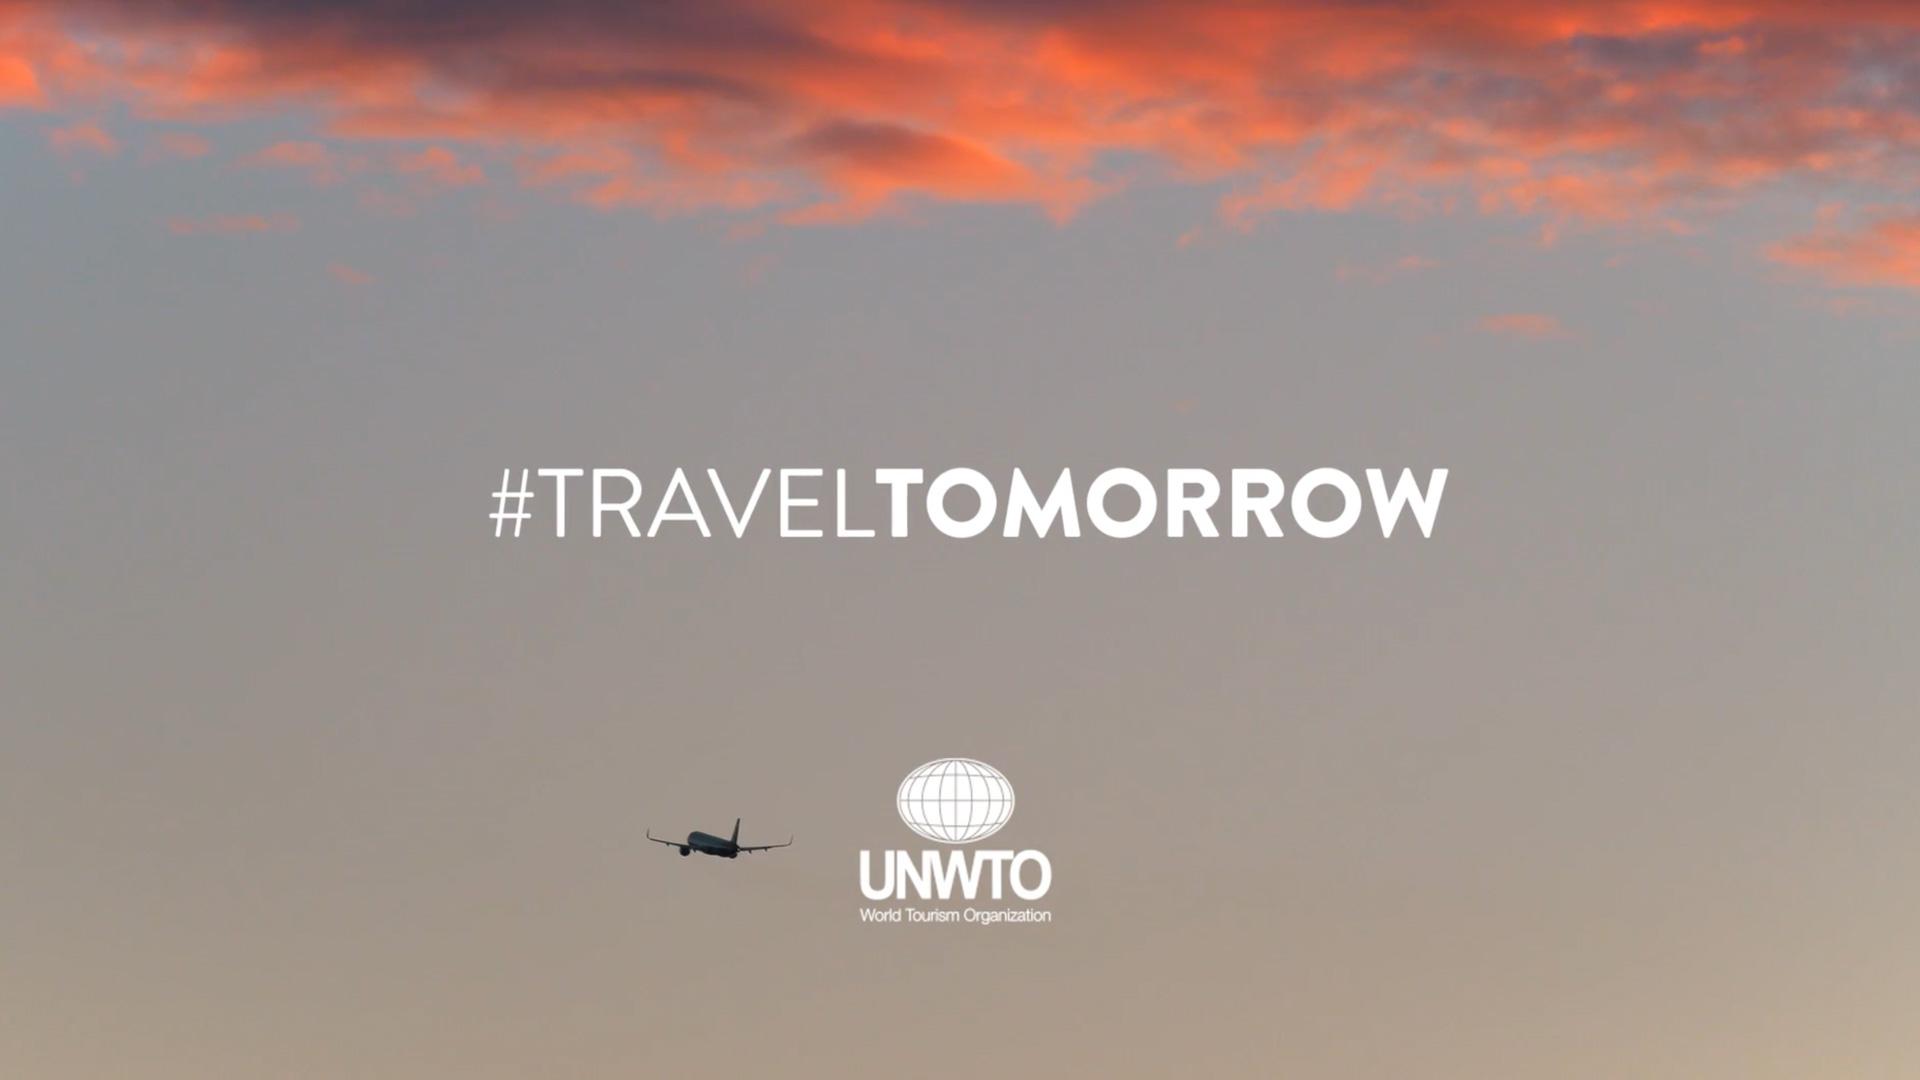 UNWTO-traveltomorrow